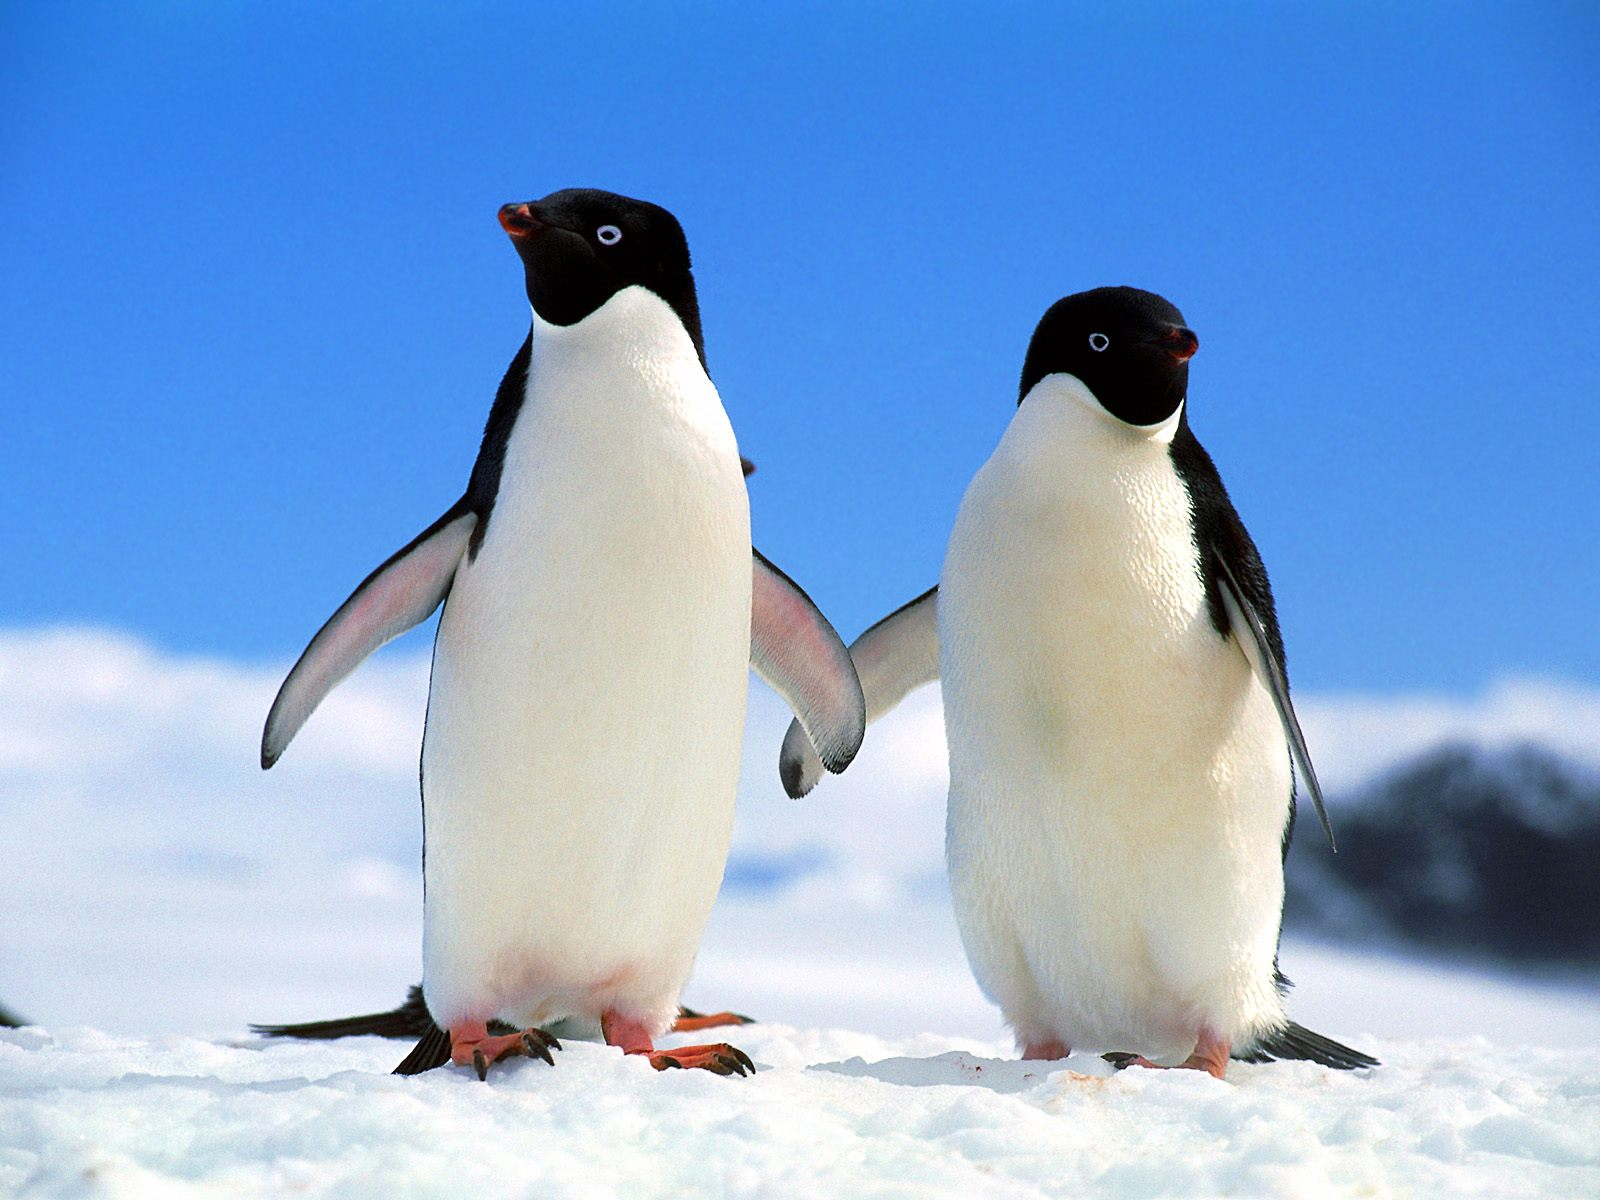 桌布天堂 --- 企鵝攝影桌布1600*1200 High resolution penguin wallpapers6